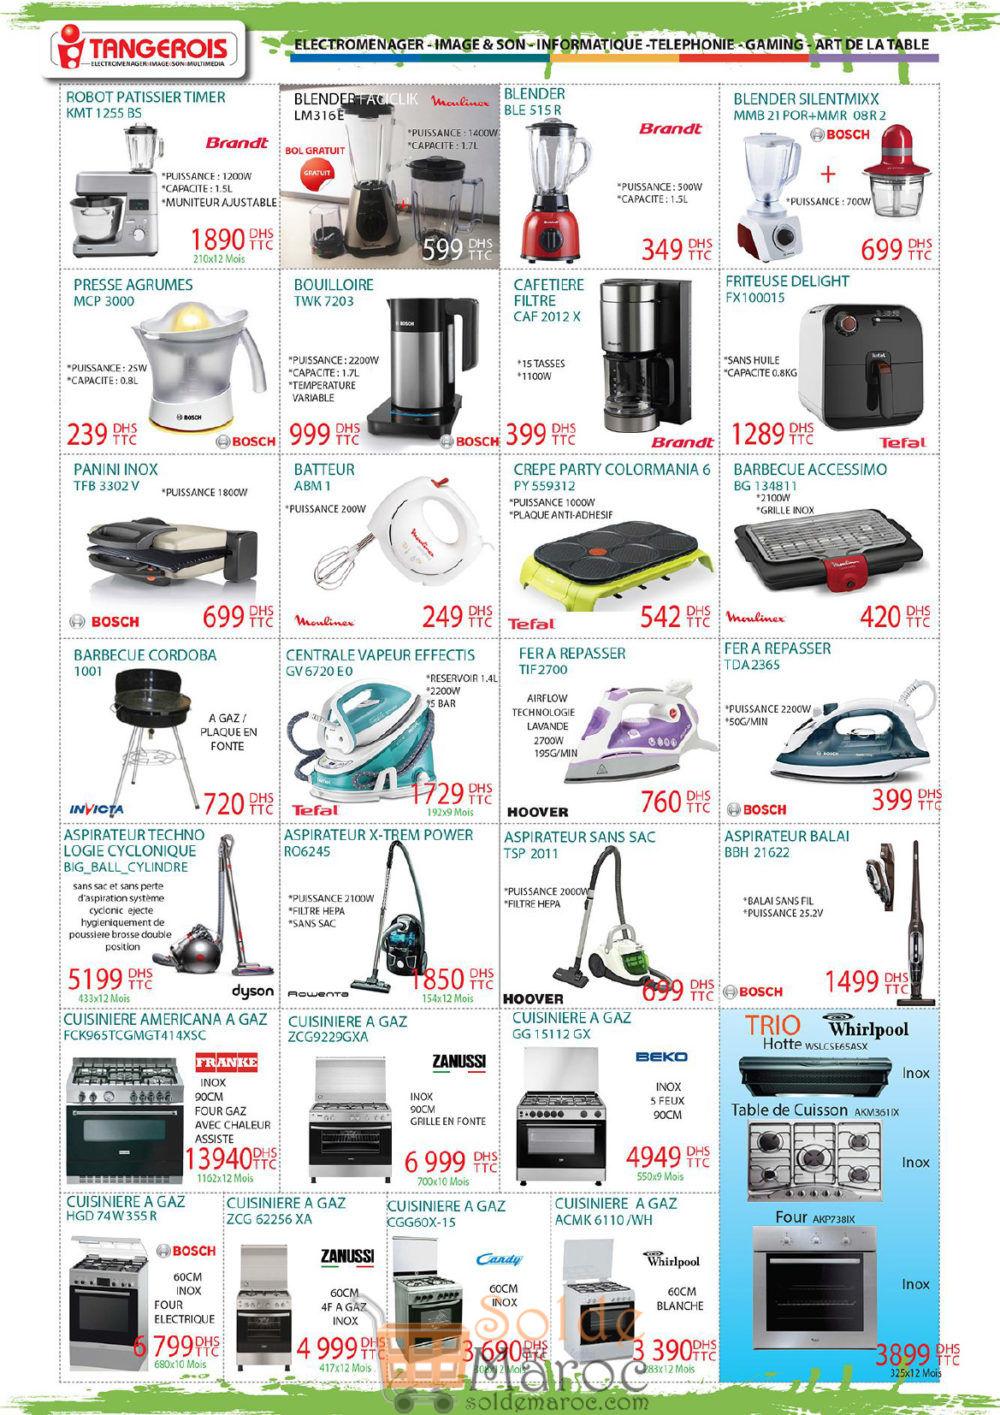 Catalogue Tangerois Electro Jusqu'au 17 Juillet 2018